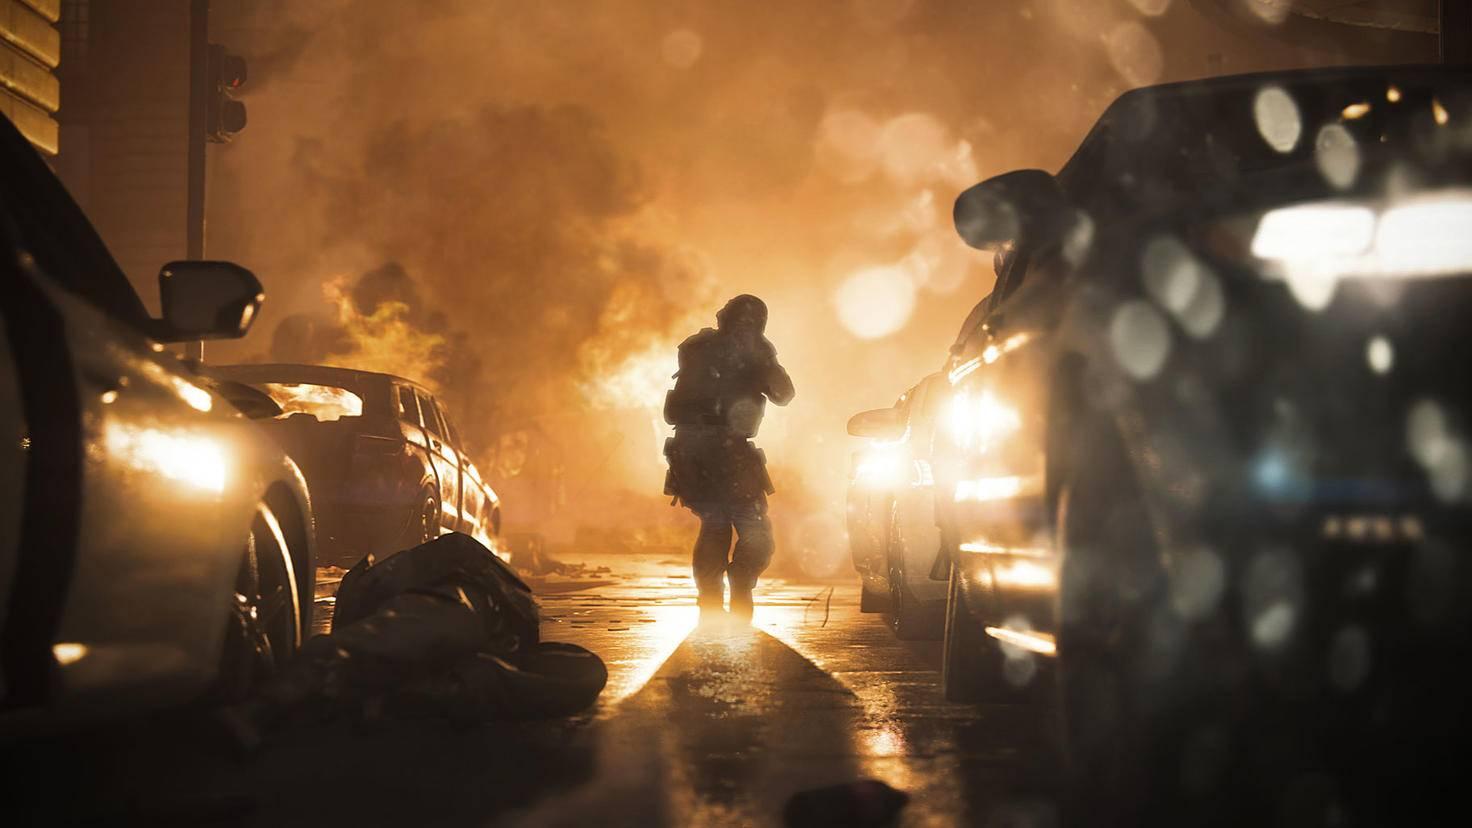 call-of-duty-modern-warfare-screenshot-activision